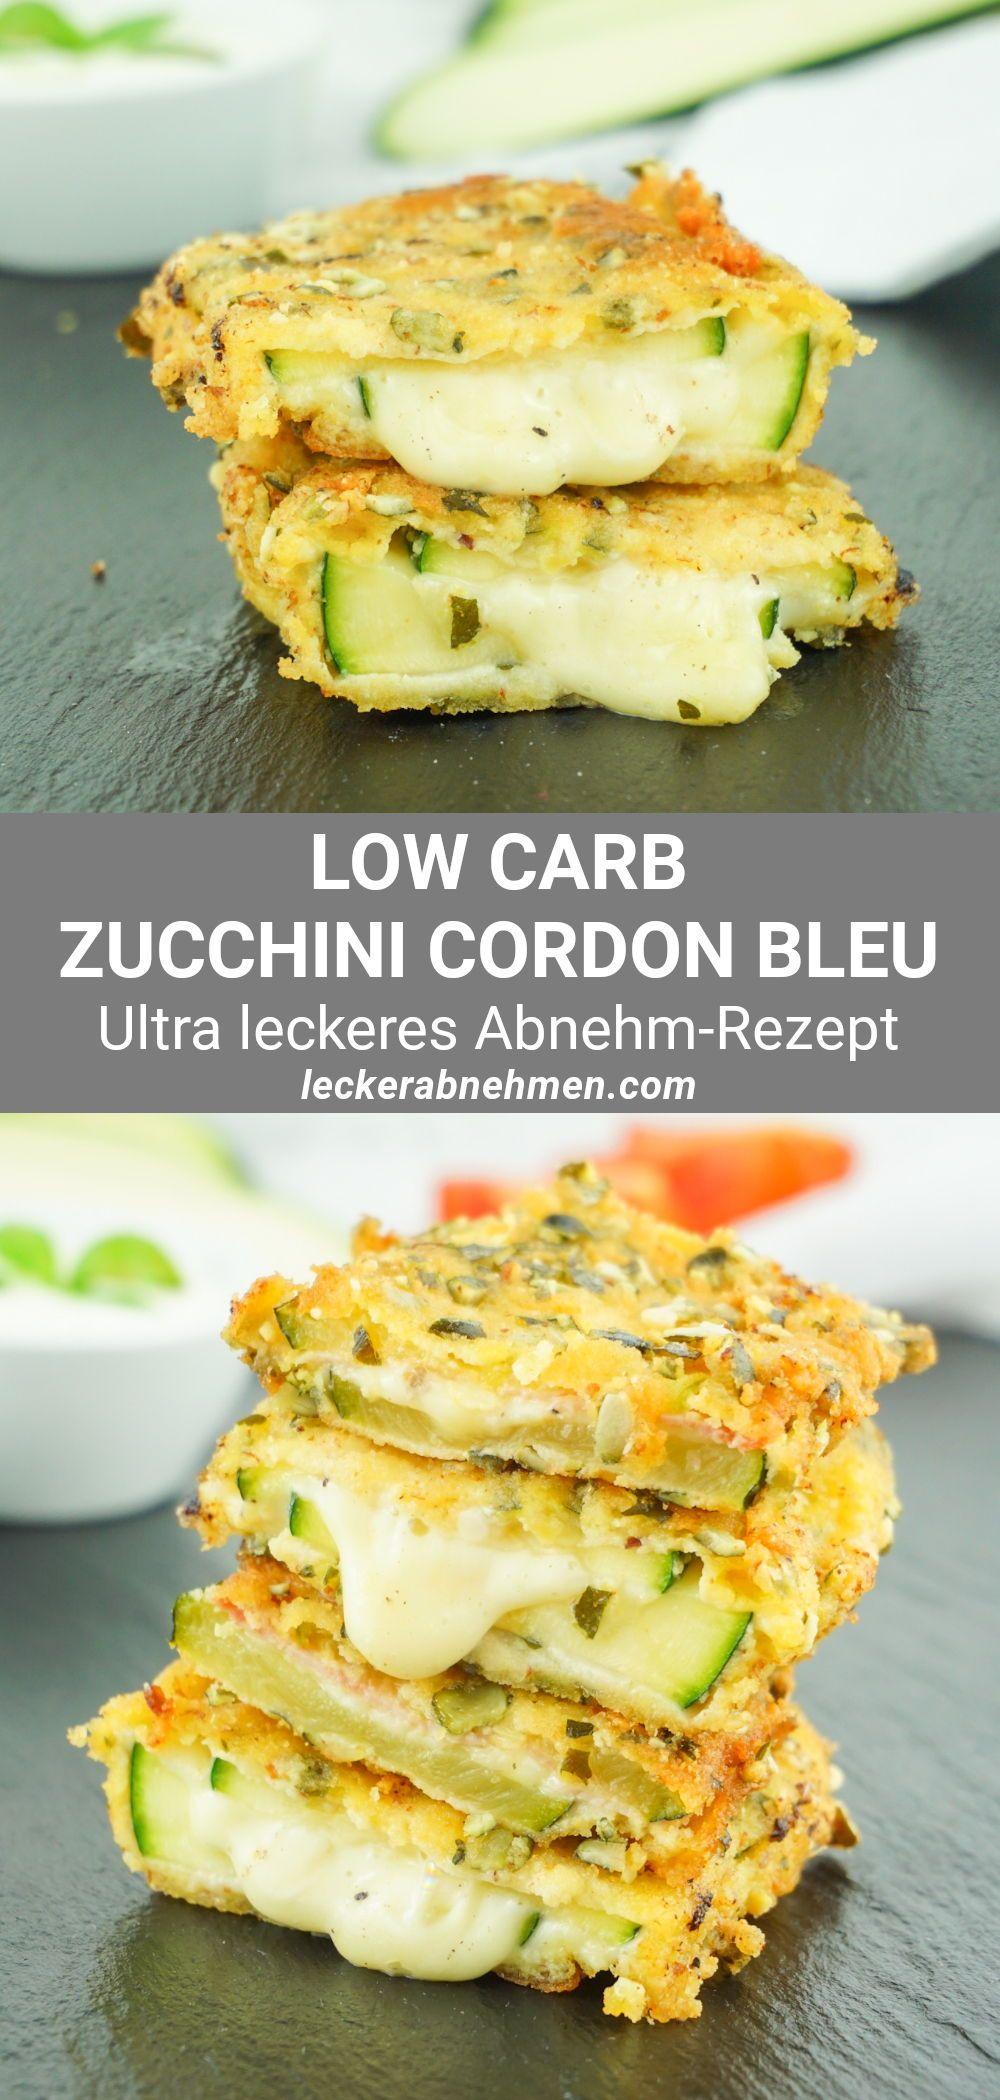 Zucchini Cordon Bleu - Vegetarisches oder klassisches Low Carb Rezept